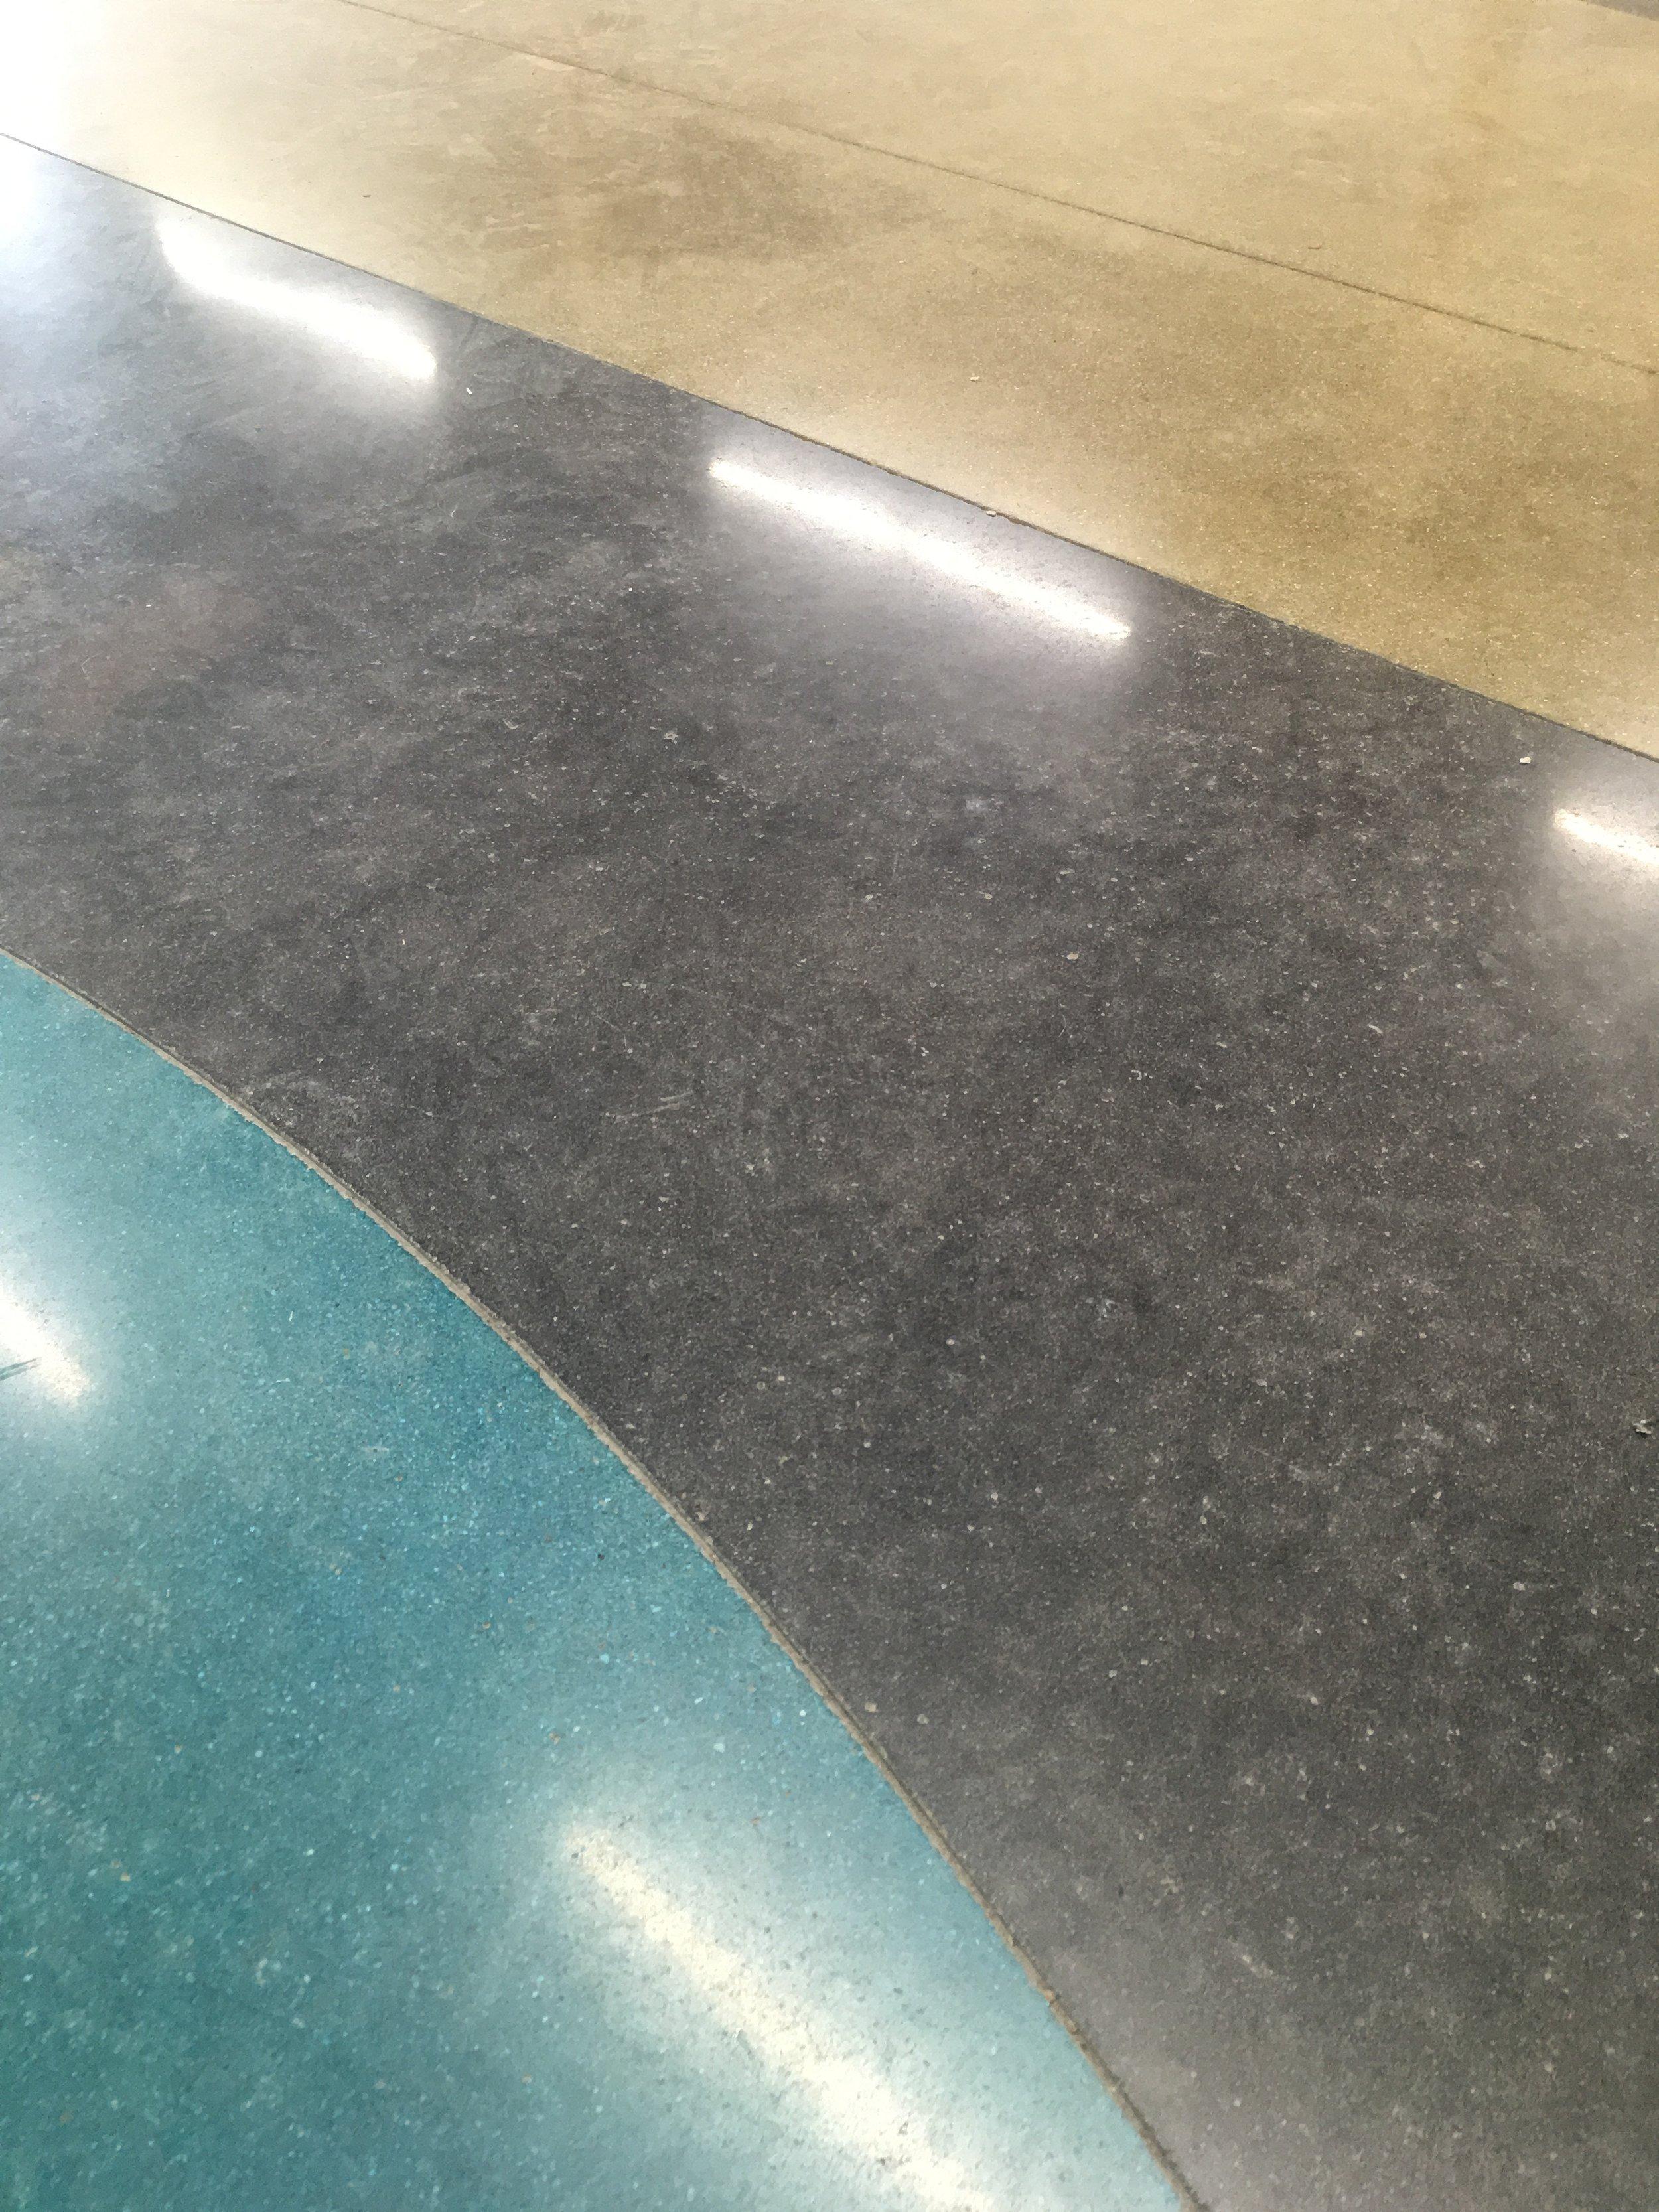 Showroom Floor Turqoise, Black, Sand.JPG